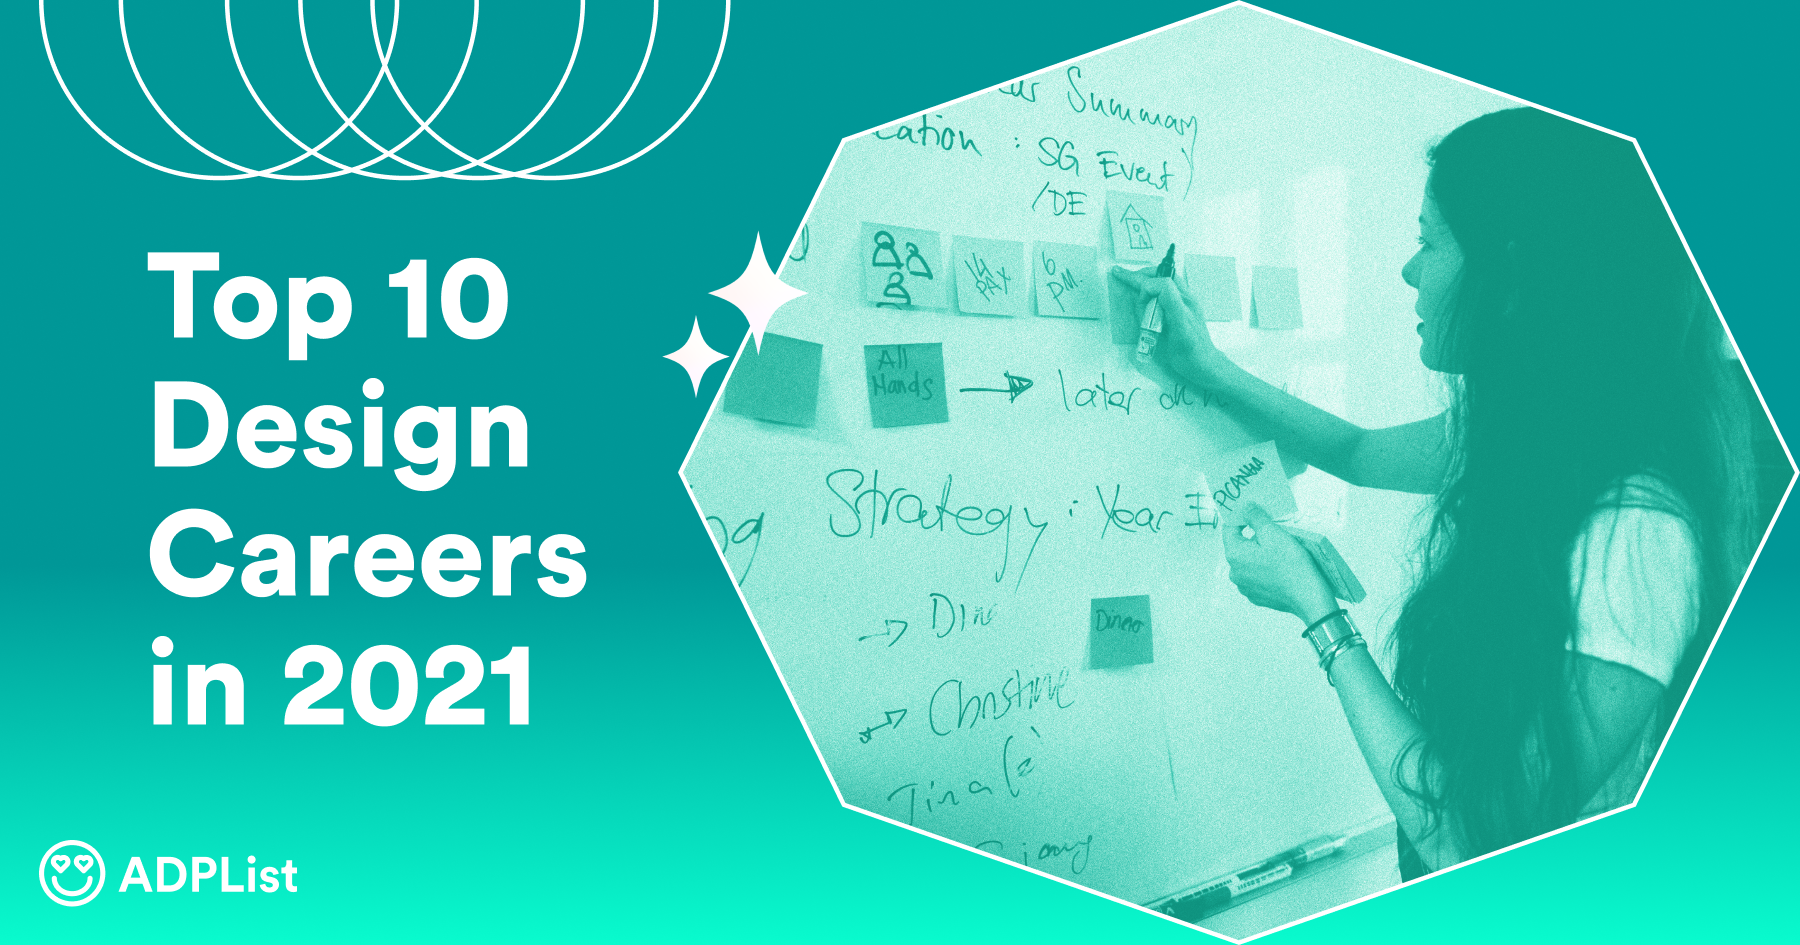 Top 10 Design Careers in 2021